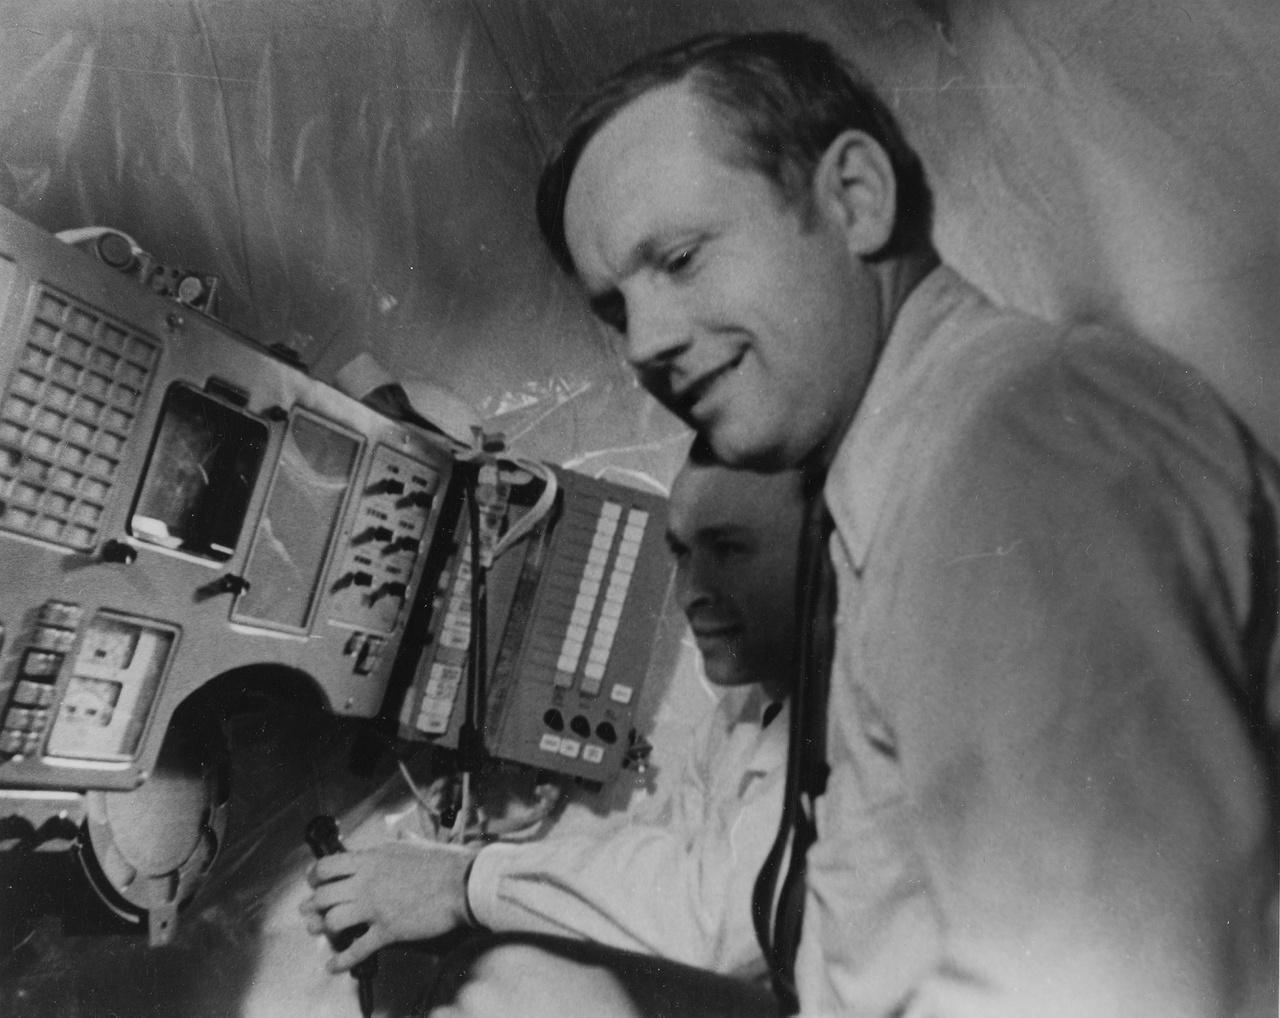 Ilyen képet se lehetett eddig sokszor látni: a XIII. COSPAR alkalmával Armstrongnak megmutatták egy Szojuz űrhajó műszerfalát, vezérlőegységét is, a kép tanúsága szerint az amerikai űrhajós érdeklődve figyelte a szovjet technikát.